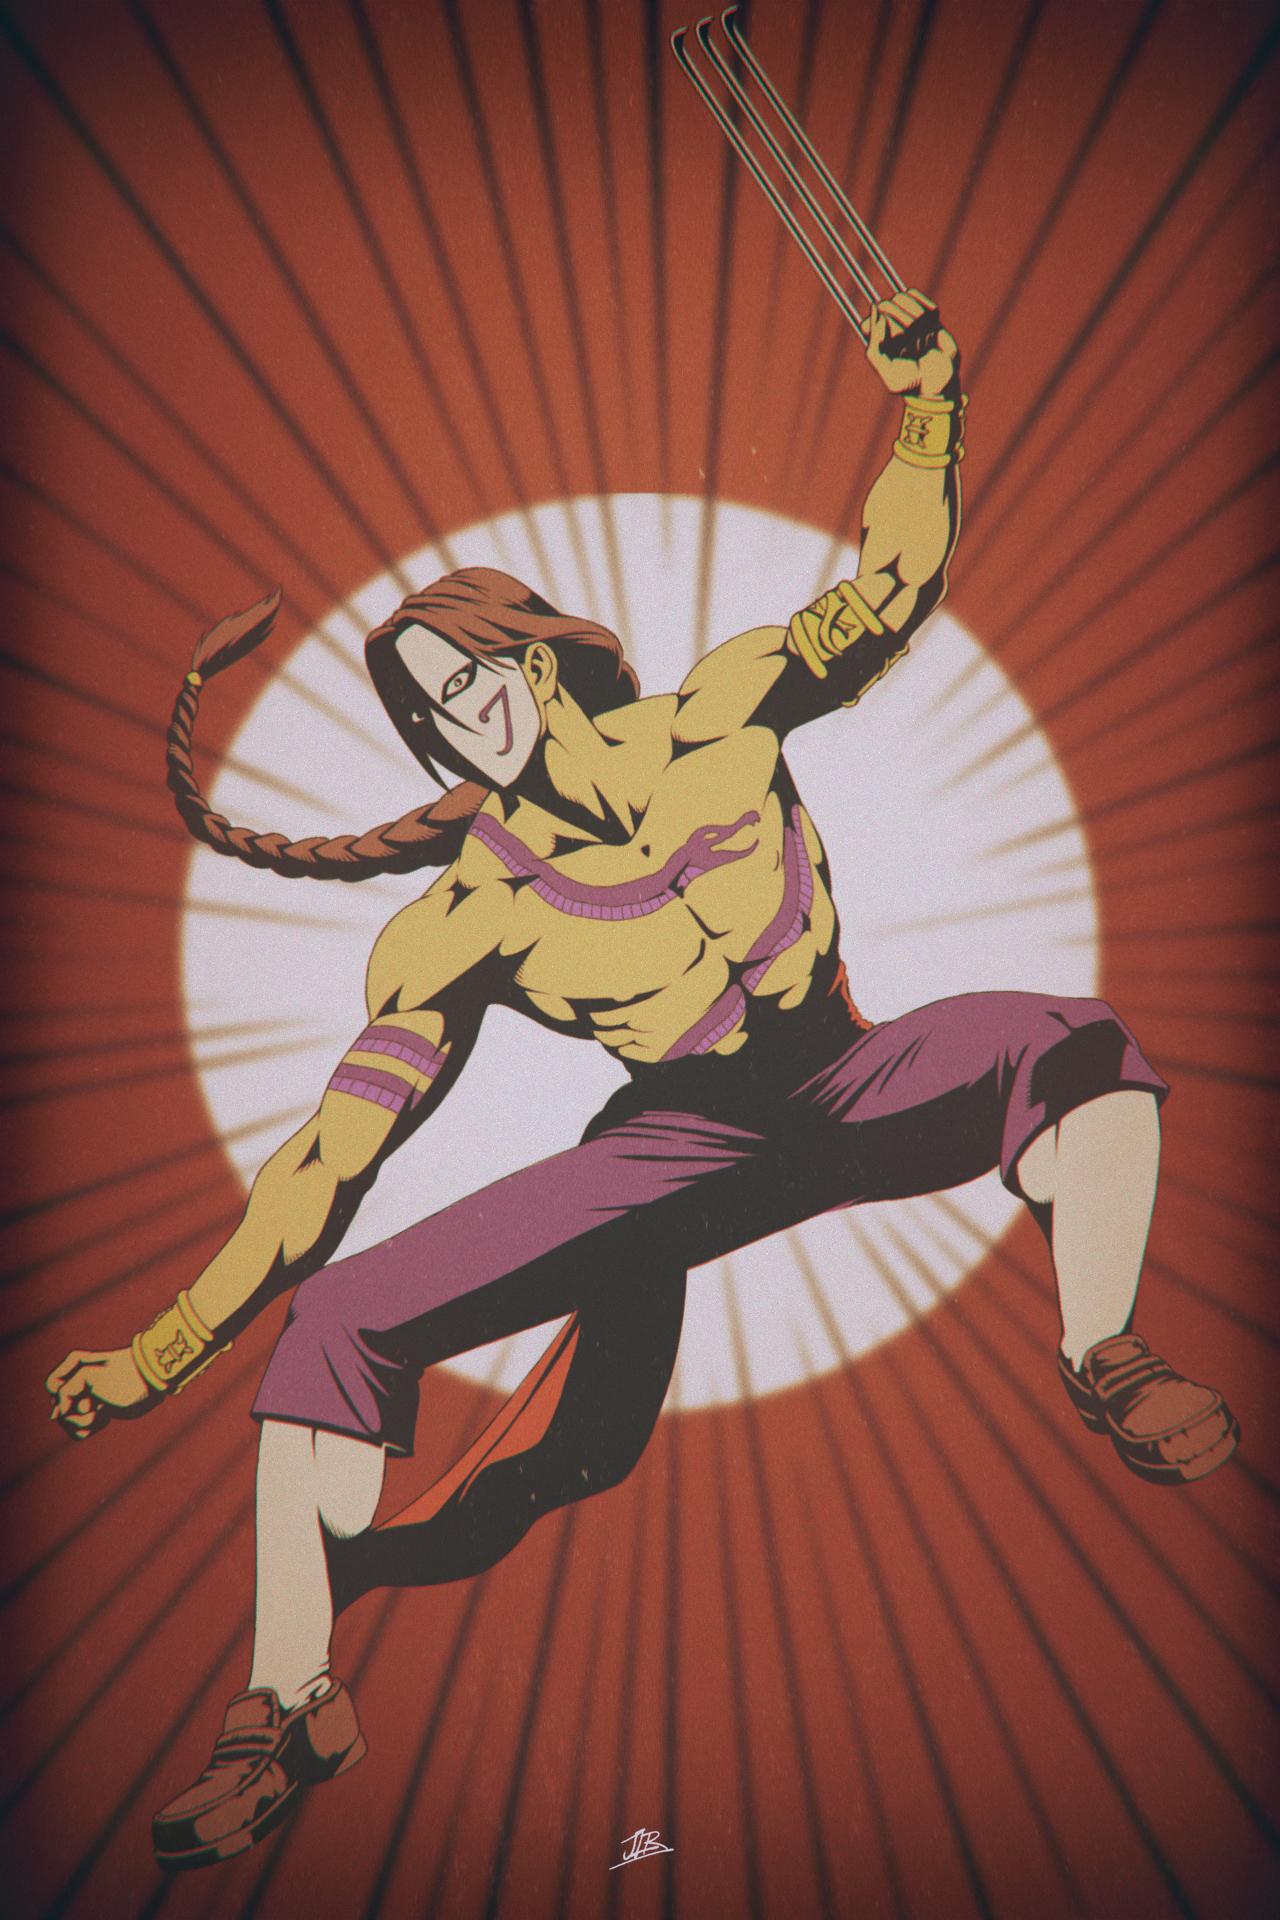 Fanart Of Vega From Street Fighter Street Fighter Fighter Anime